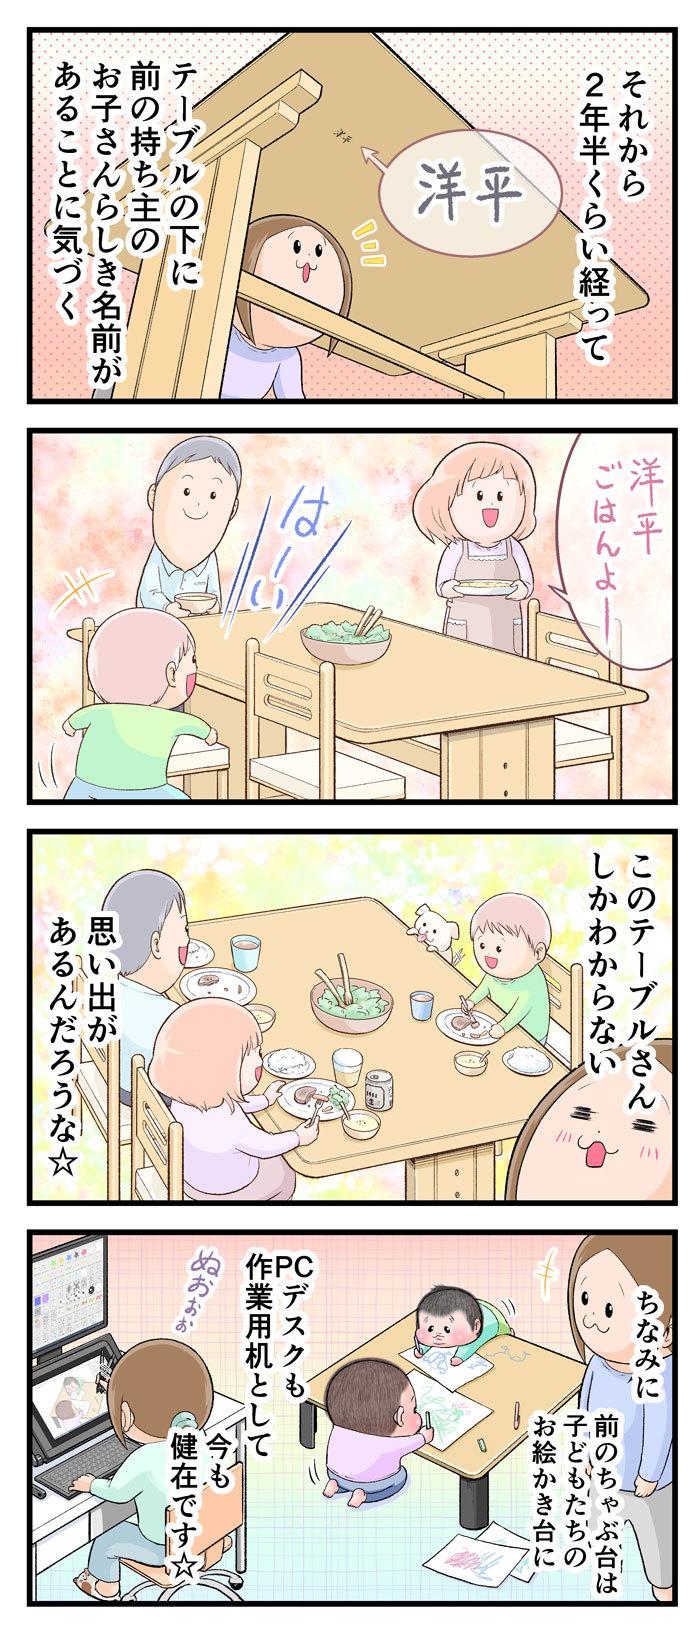 """生活の中心にある「食卓」。そこには、たくさんの""""家族の思い出""""が詰まっているの画像3"""